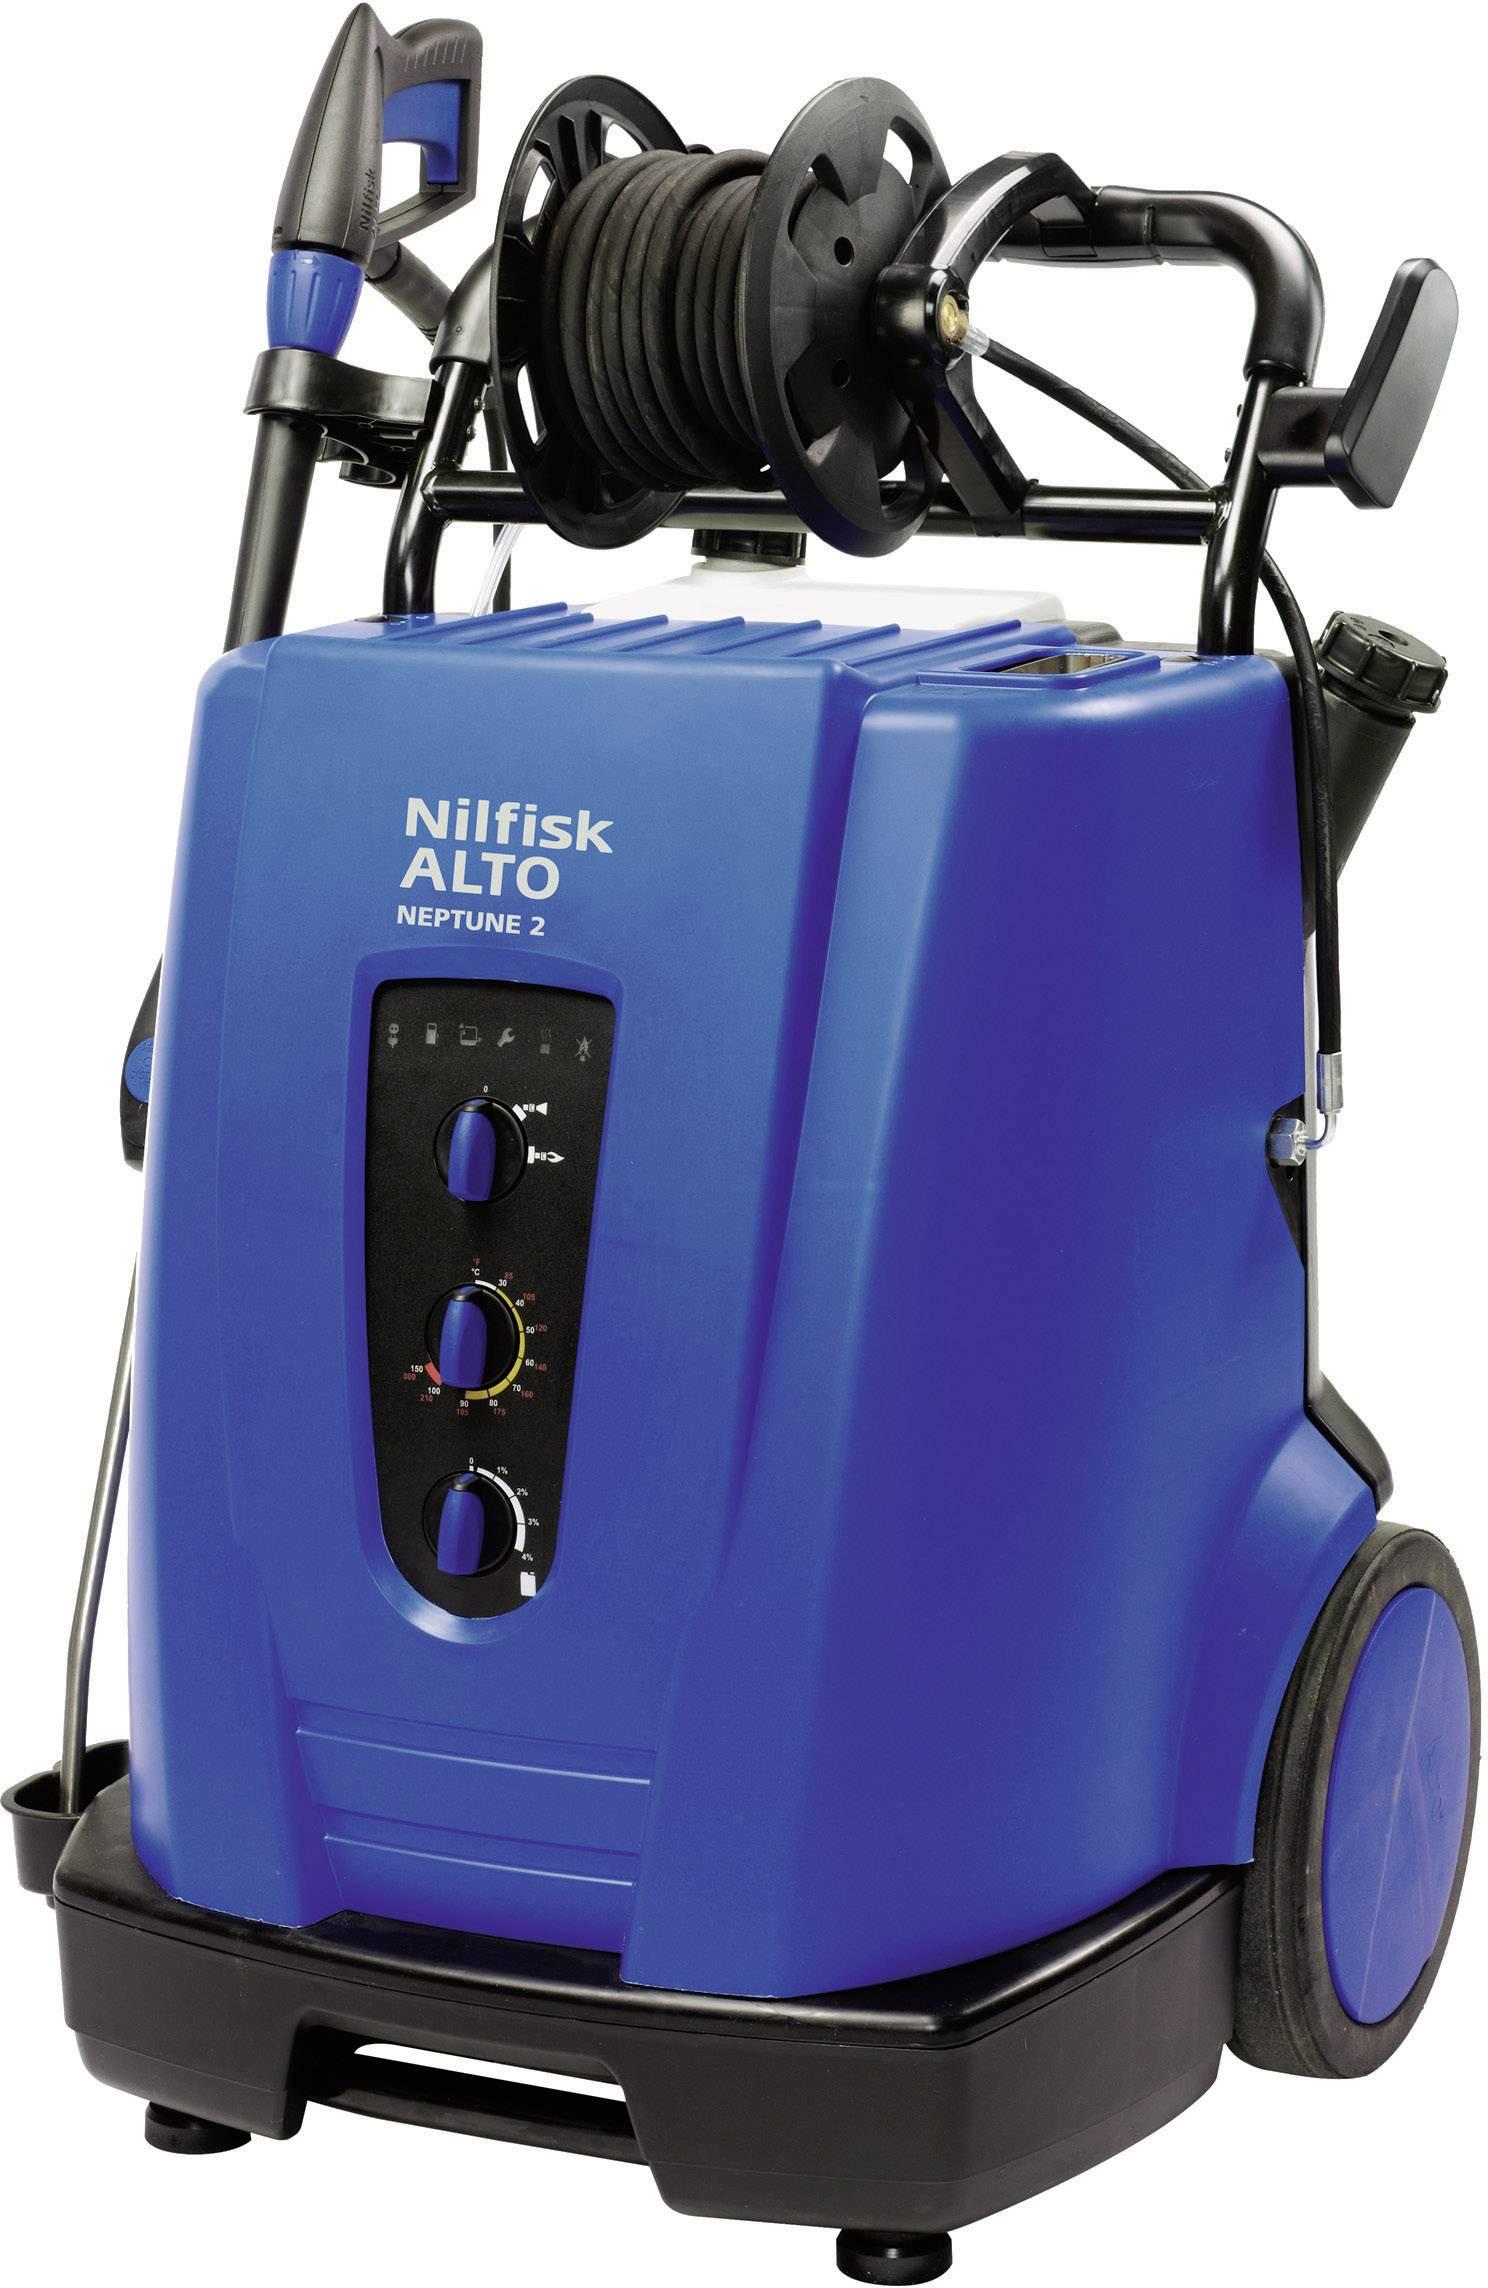 Vysokotlaký čistič vapka Nilfisk Alto Neptune 2-33 X, 170 bar, 4100 W, 107145010